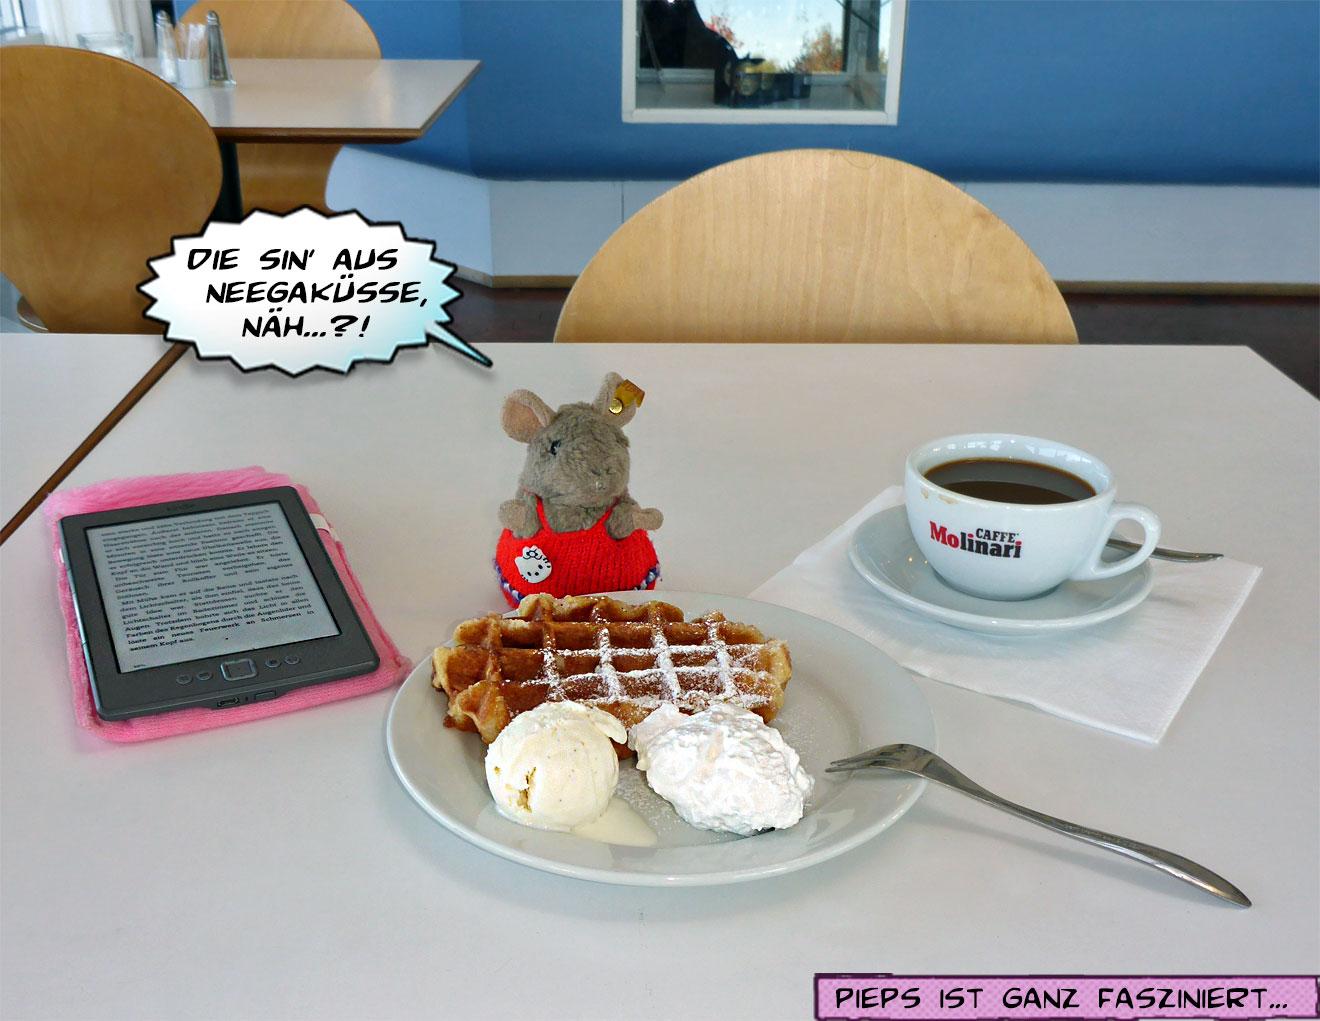 Pieps mit Eis, Waffel und Kaffee